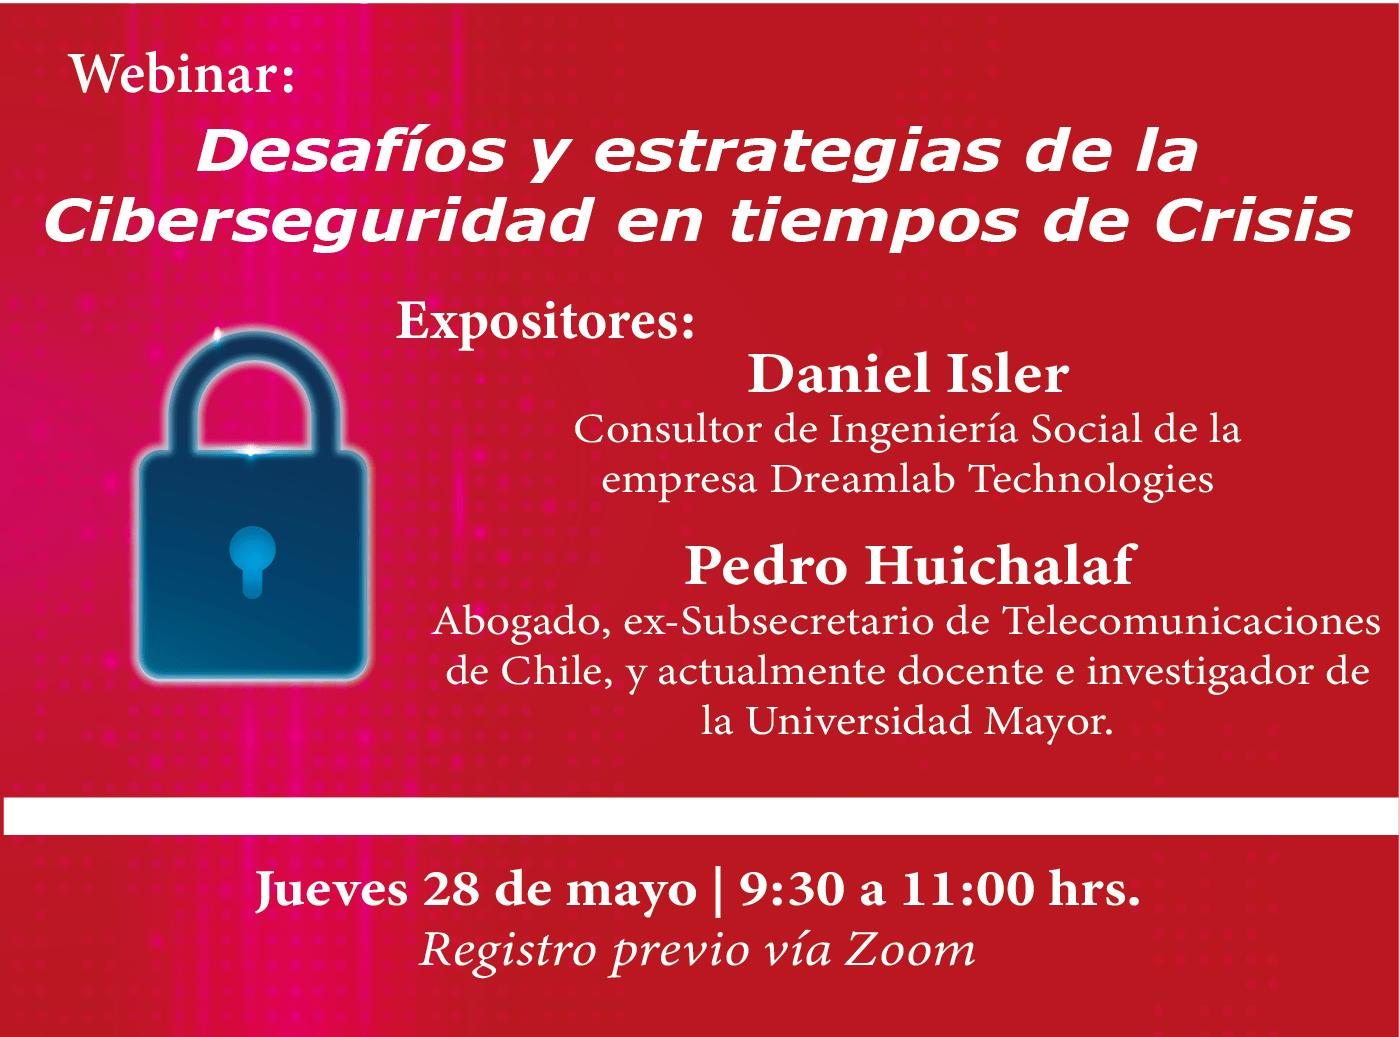 Webinar Ciberseguridad en tiempos de crisis - Camara Chileno Suiza de comercio - empresas suizas en chile